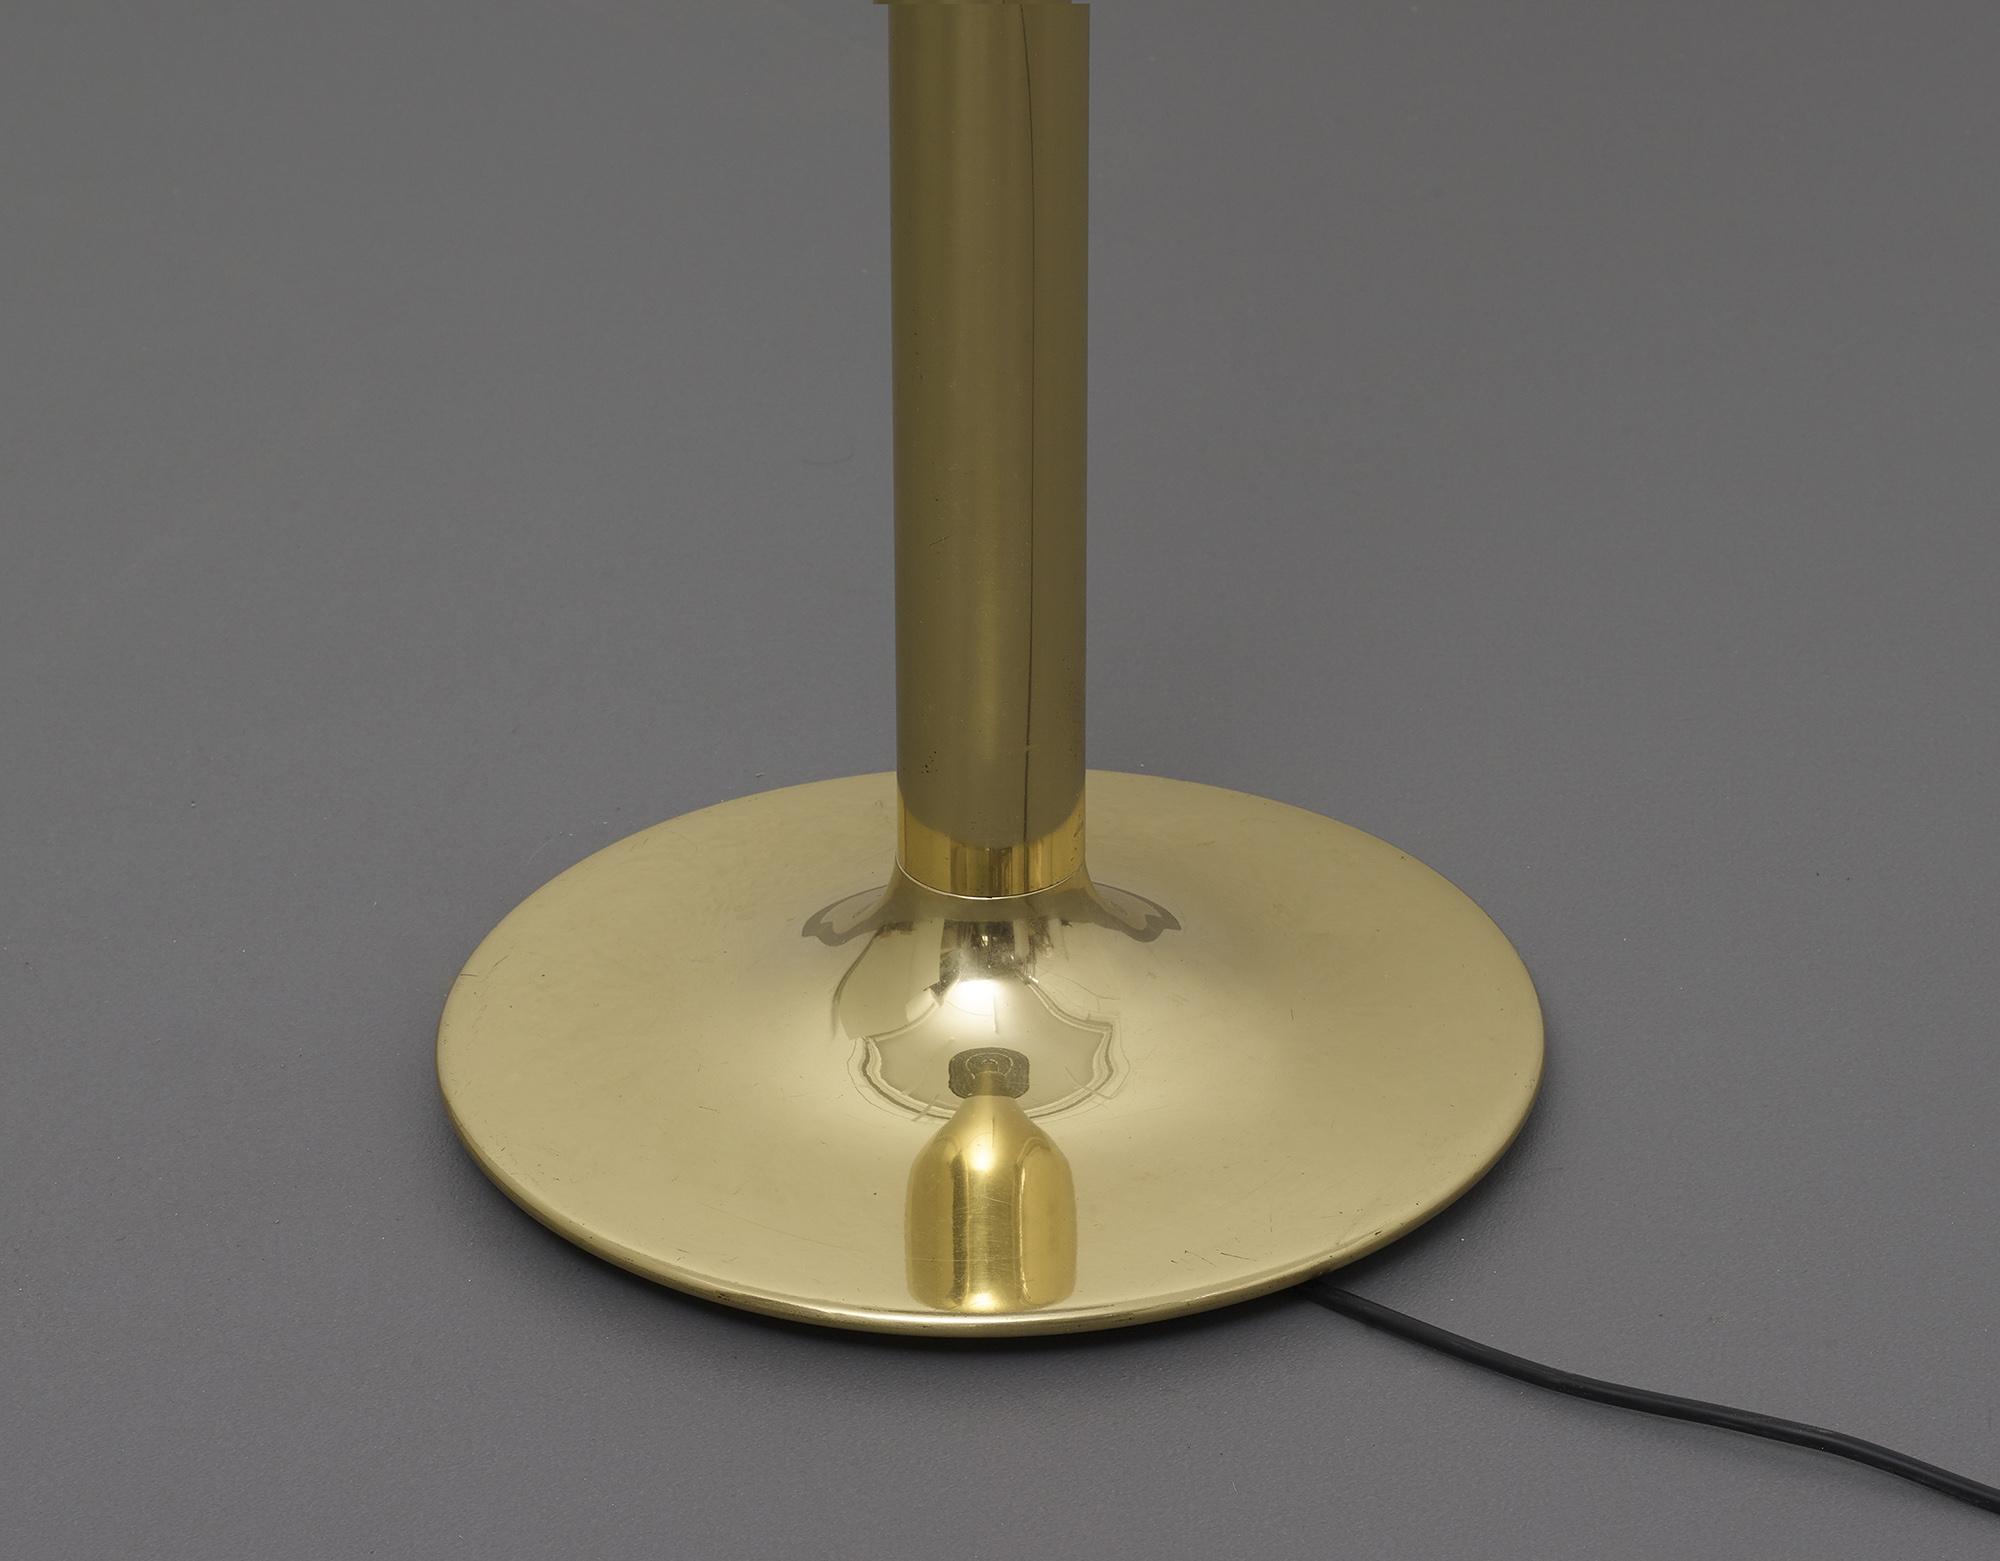 lampe-de-sol-bumling-en-laiton-de-anders-pehrson-1968-image-07